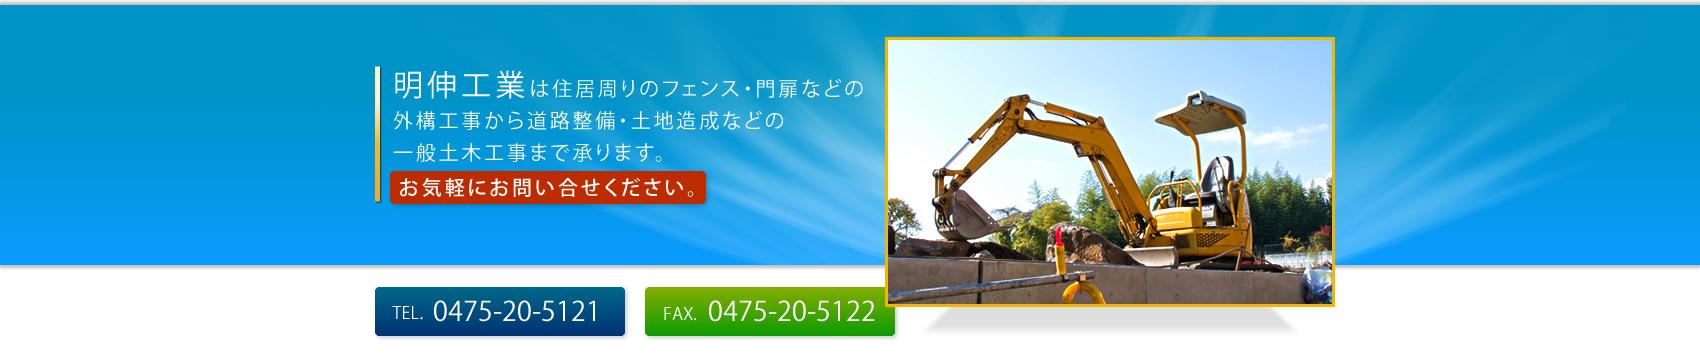 明伸工業は住居周りのフェンス・門扉などの外構工事から道路整備・土地造成などの一般土木工事まで承ります。お気軽にお問い合せください。